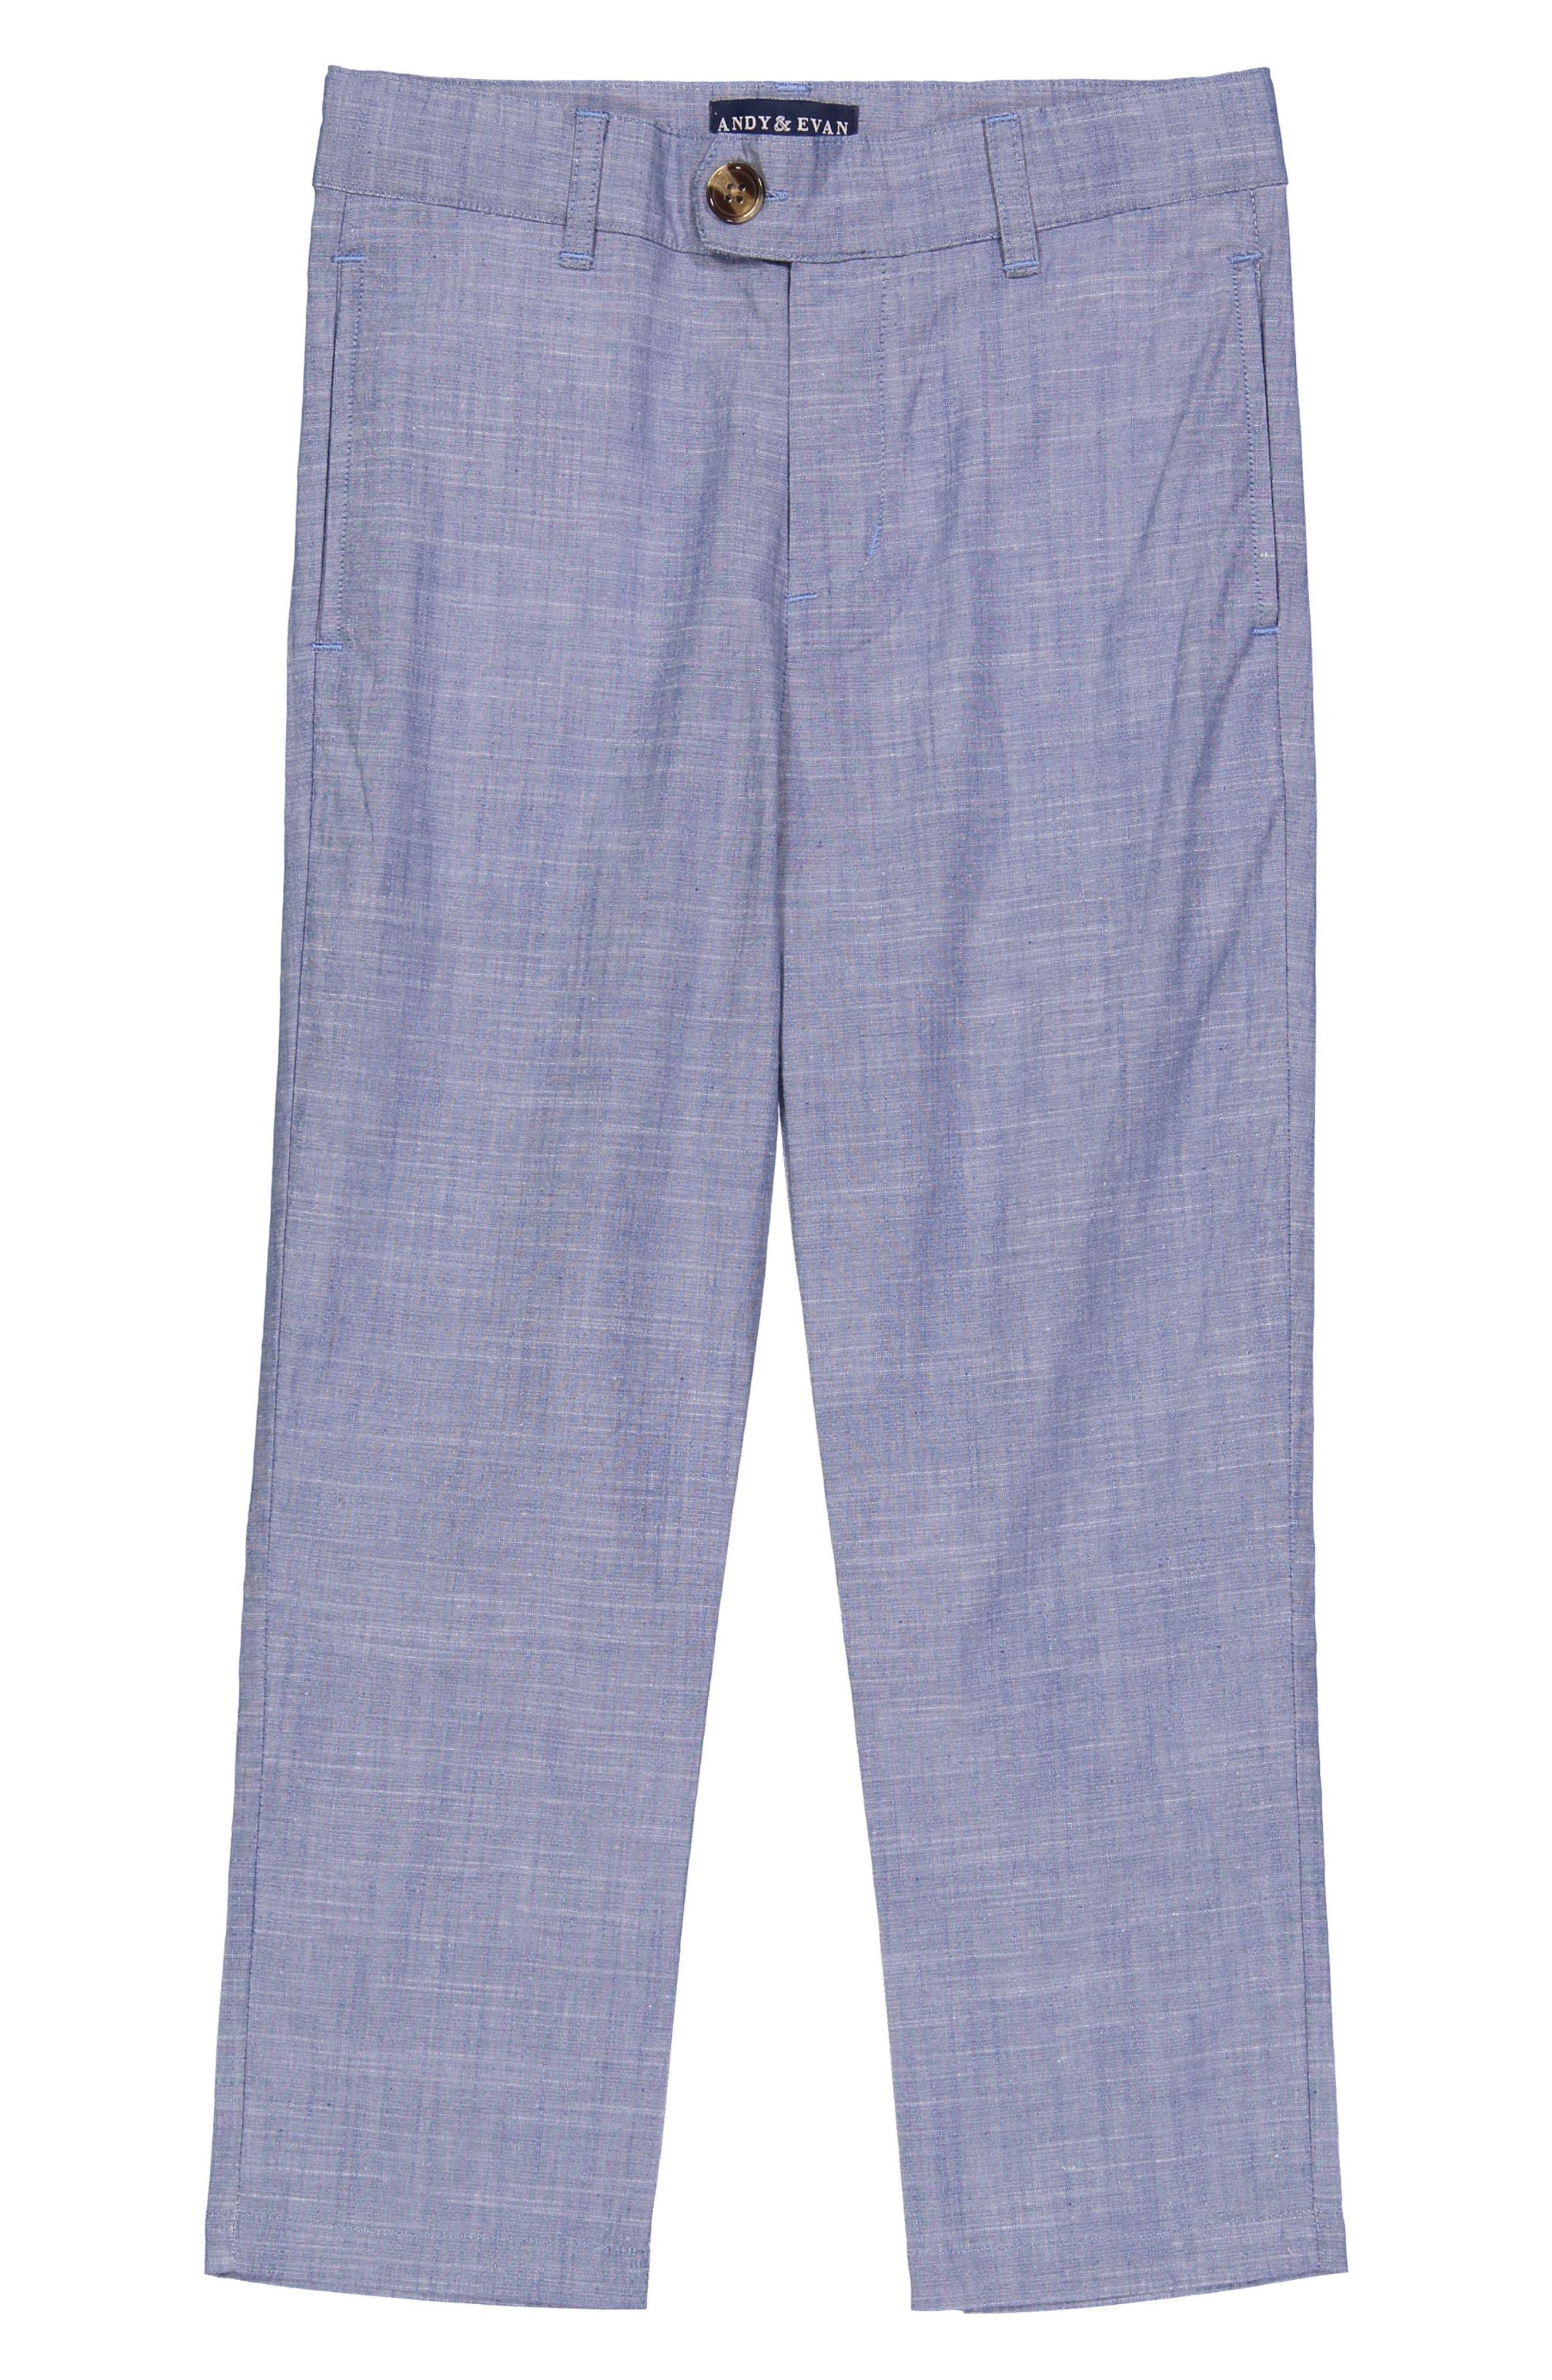 Chambray Suit Set,                             Alternate thumbnail 3, color,                             BLUE